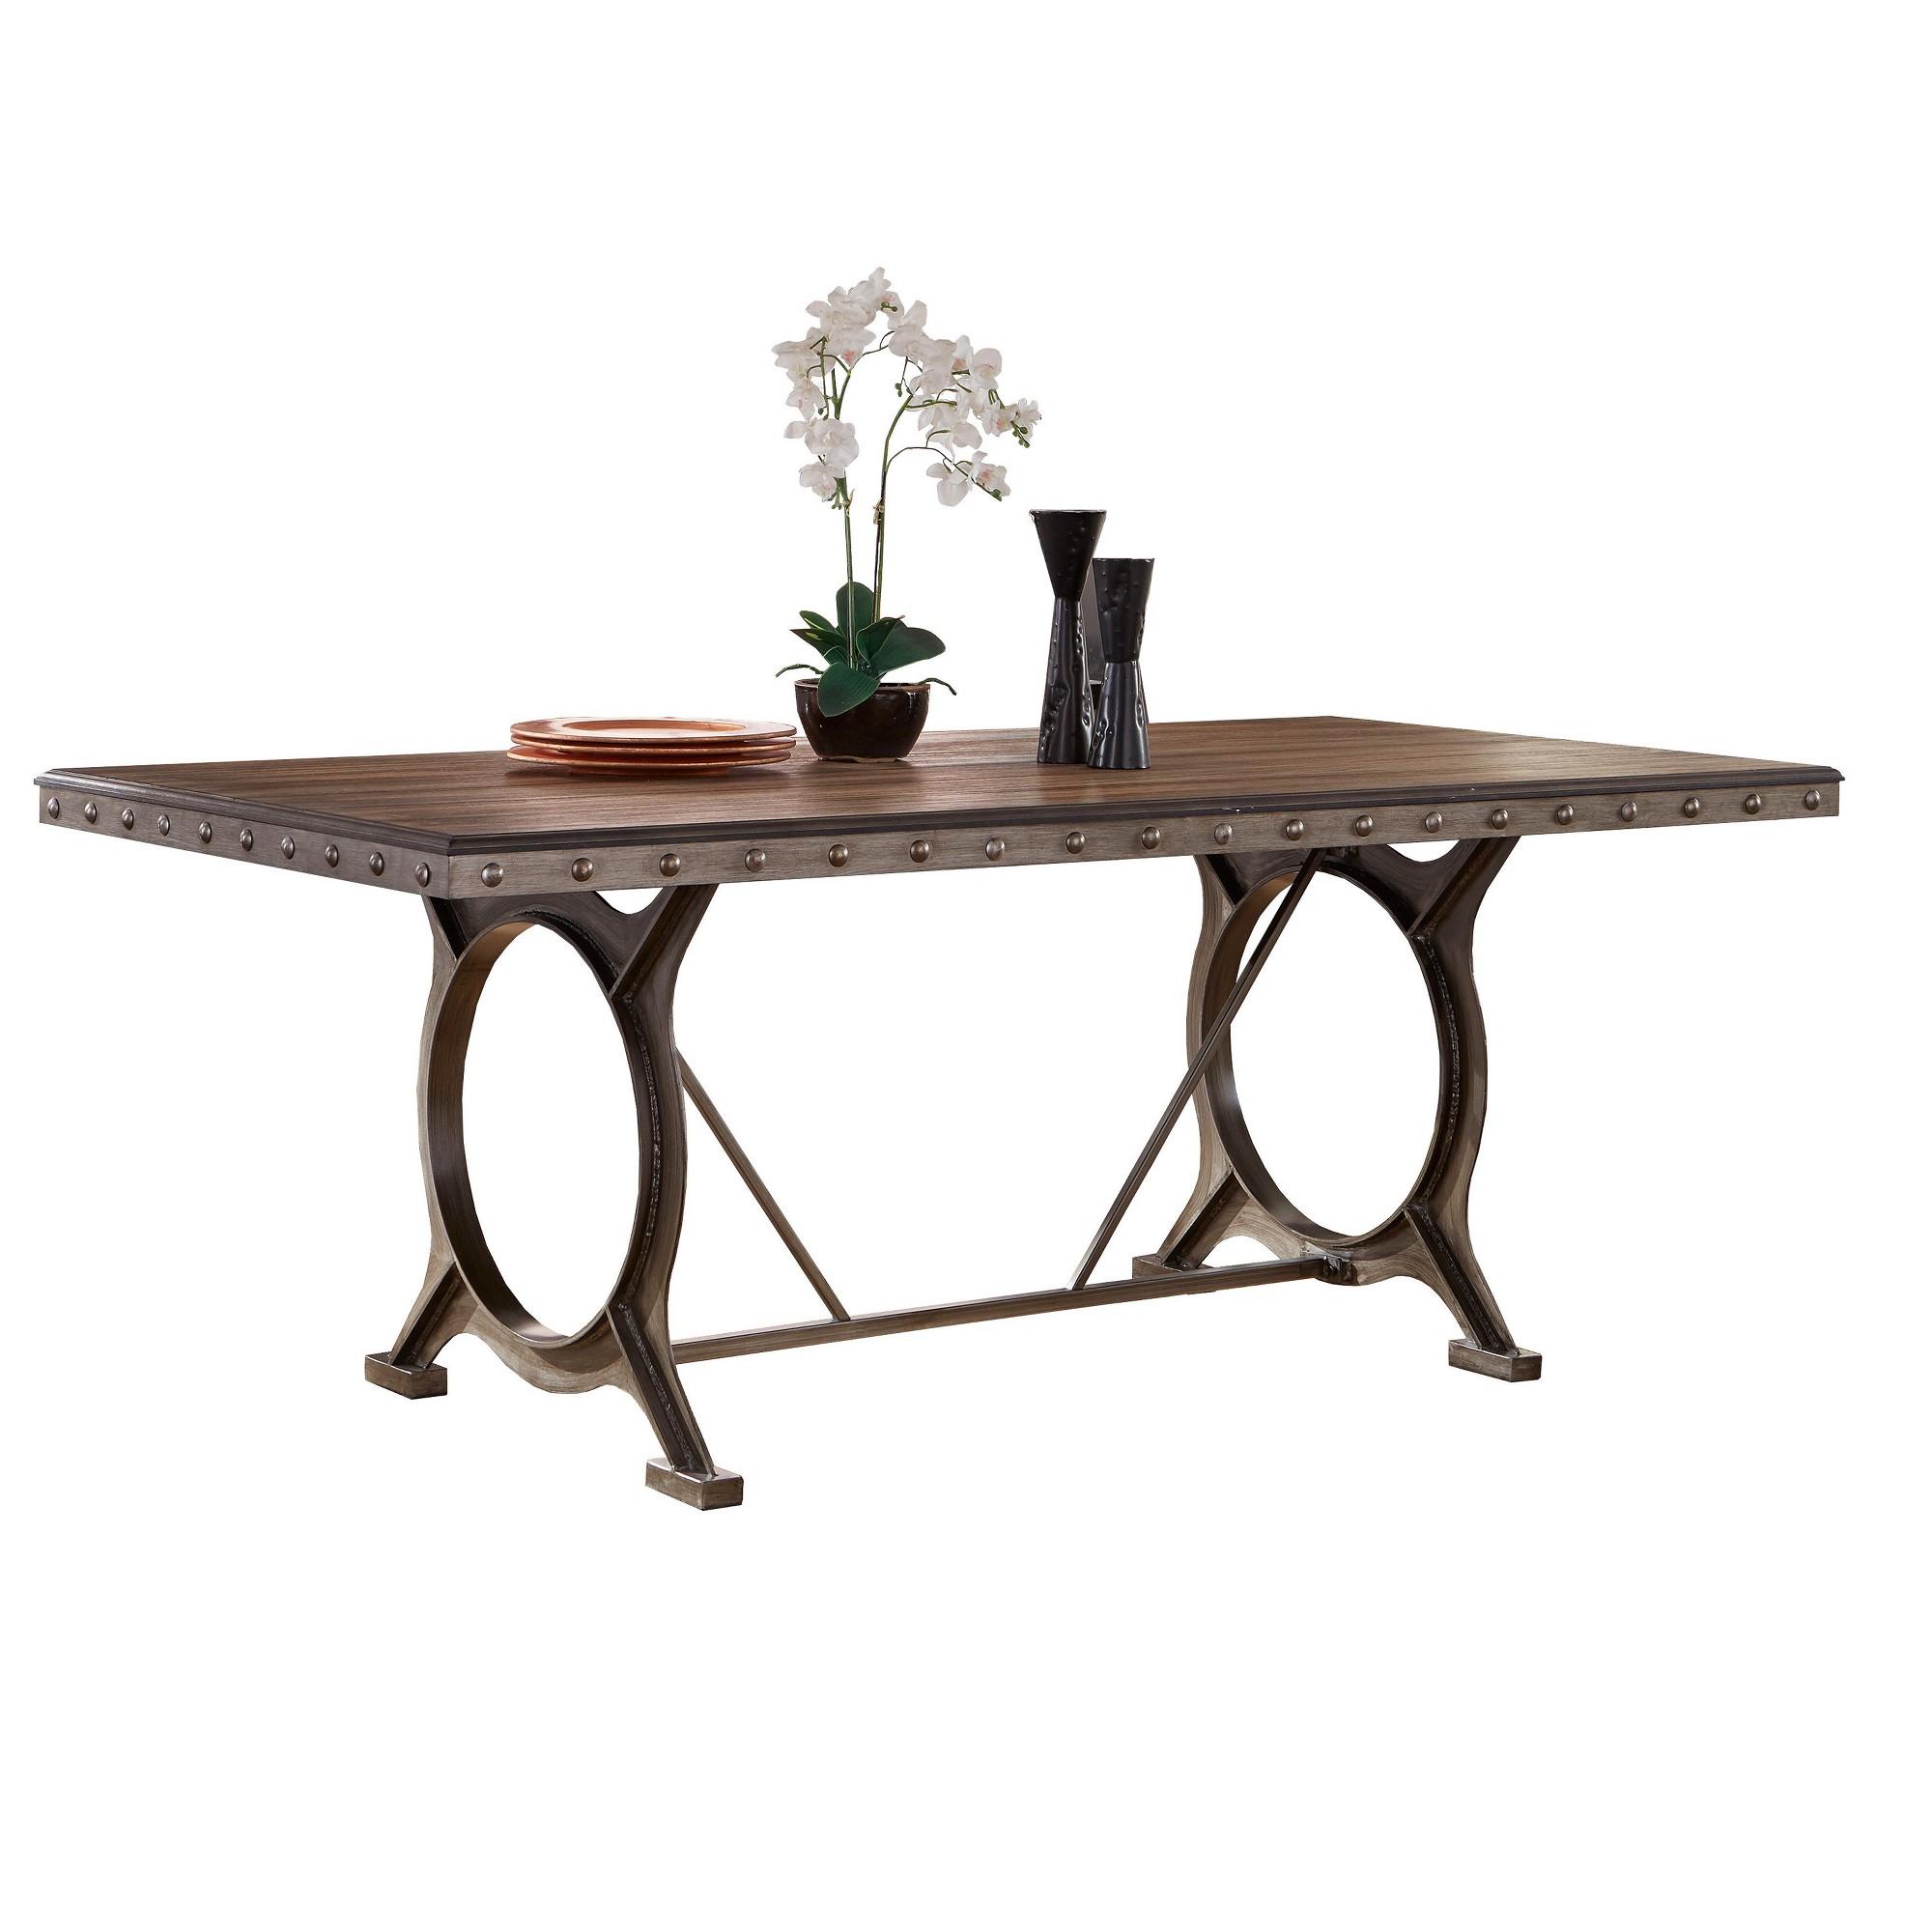 Paddock Wood Metal Dining Table Brushed Steel Distressed Brown